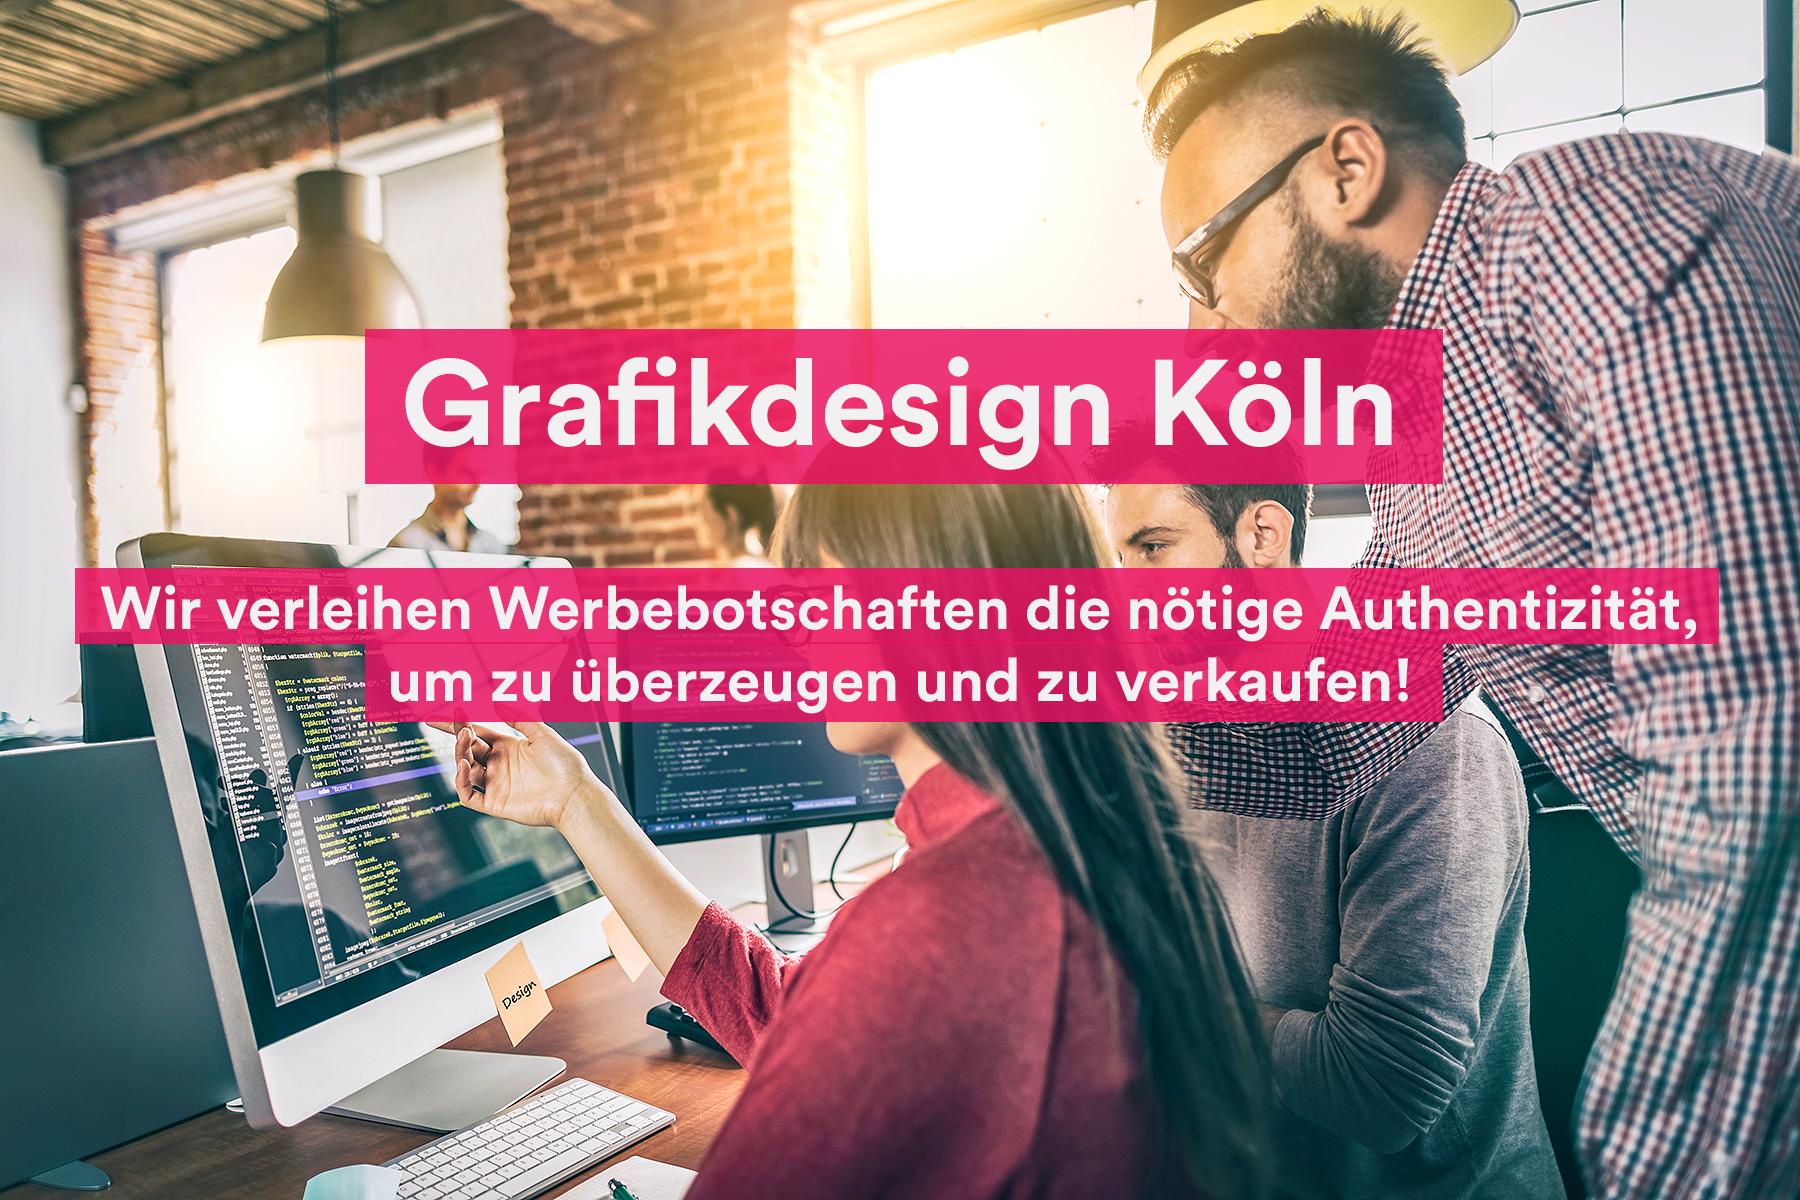 Grafikdesign Köln Royal Design Werbeagentur Gmbh